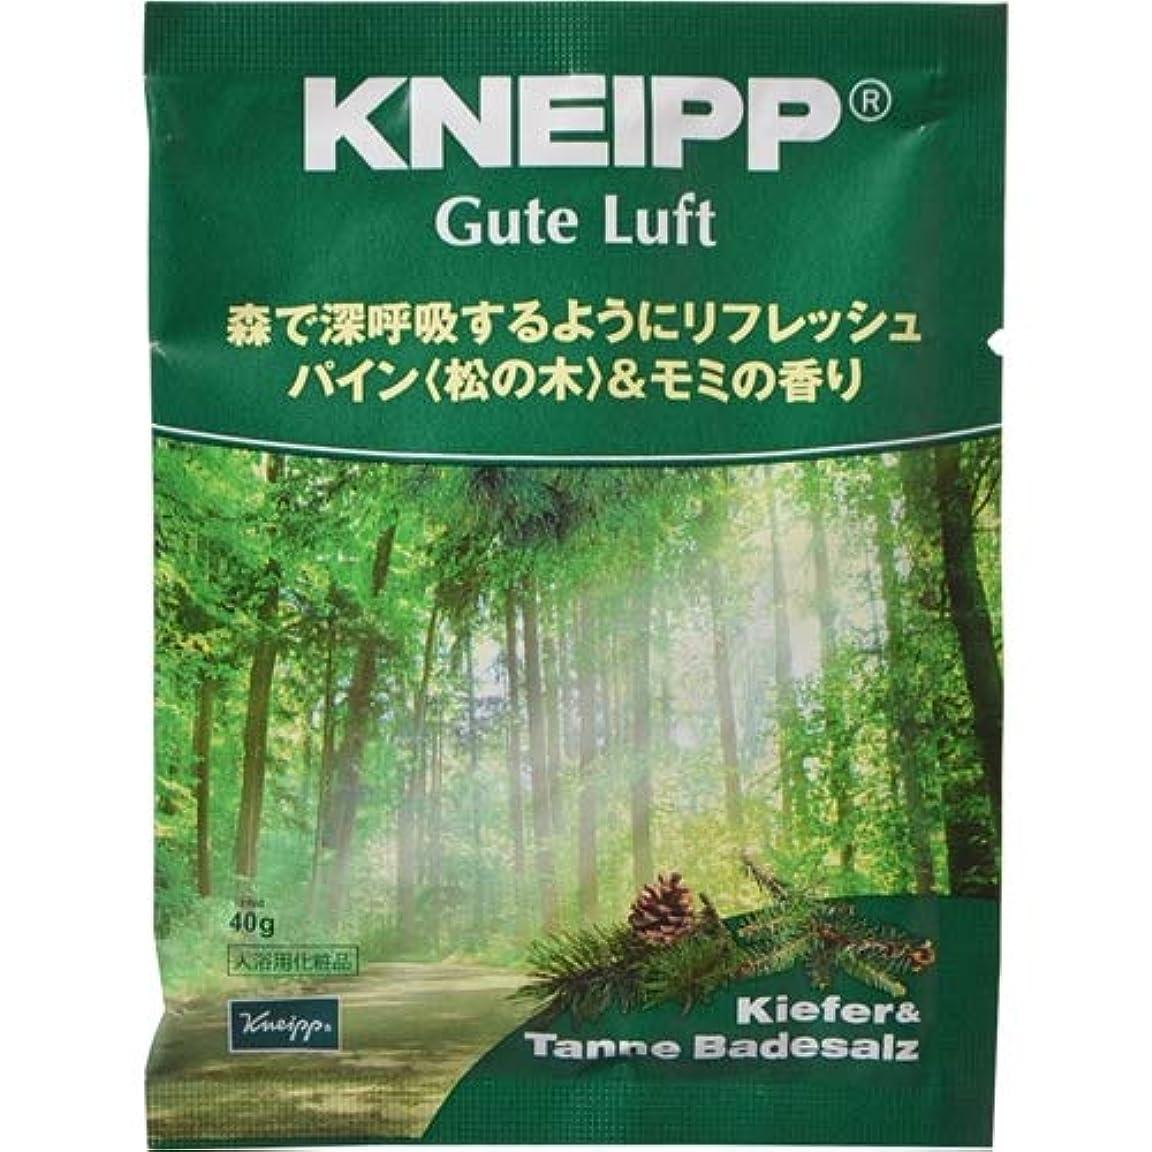 タンク宗教的なが欲しいクナイプ?ジャパン クナイプ グーテルフト バスソルト パイン<松の木>&モミの香り 40g